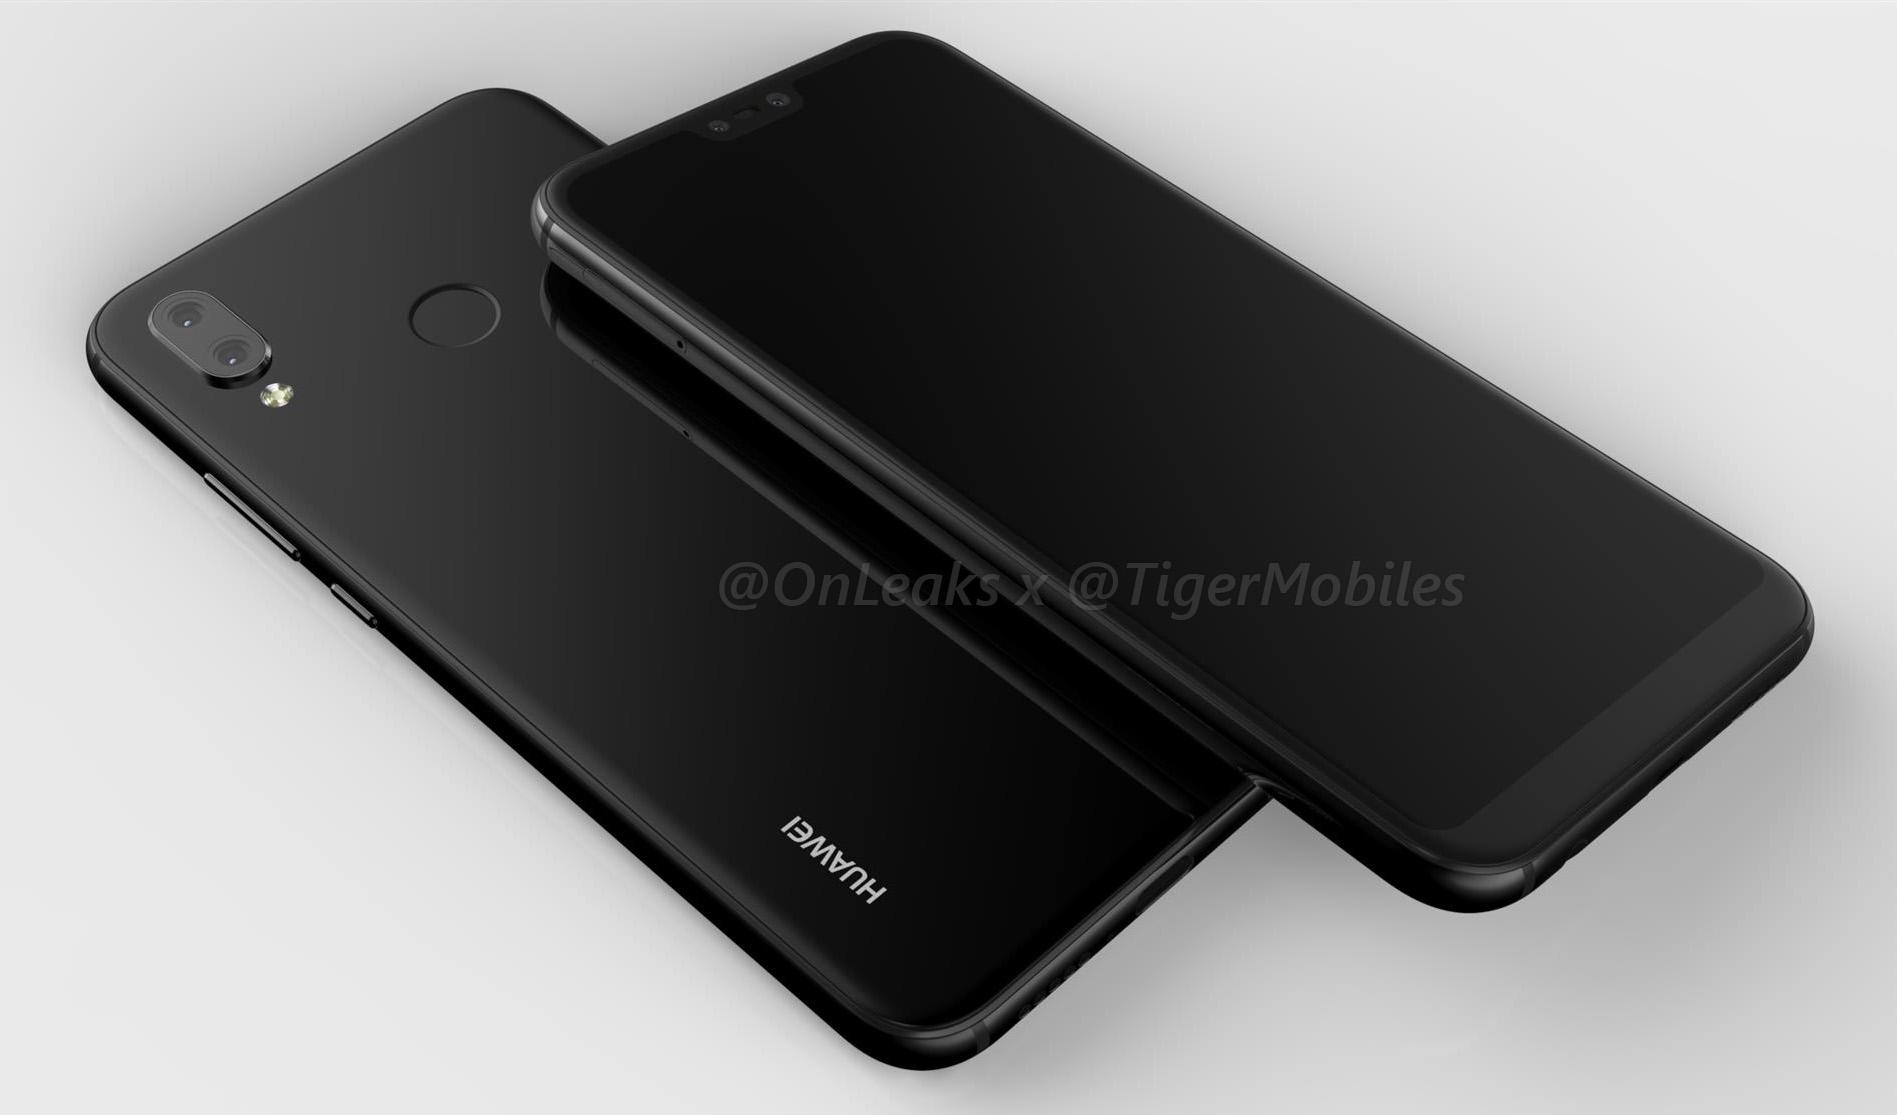 Huawei P20 Lite : son design intégrerait bien un «notch» comme l'iPhone X